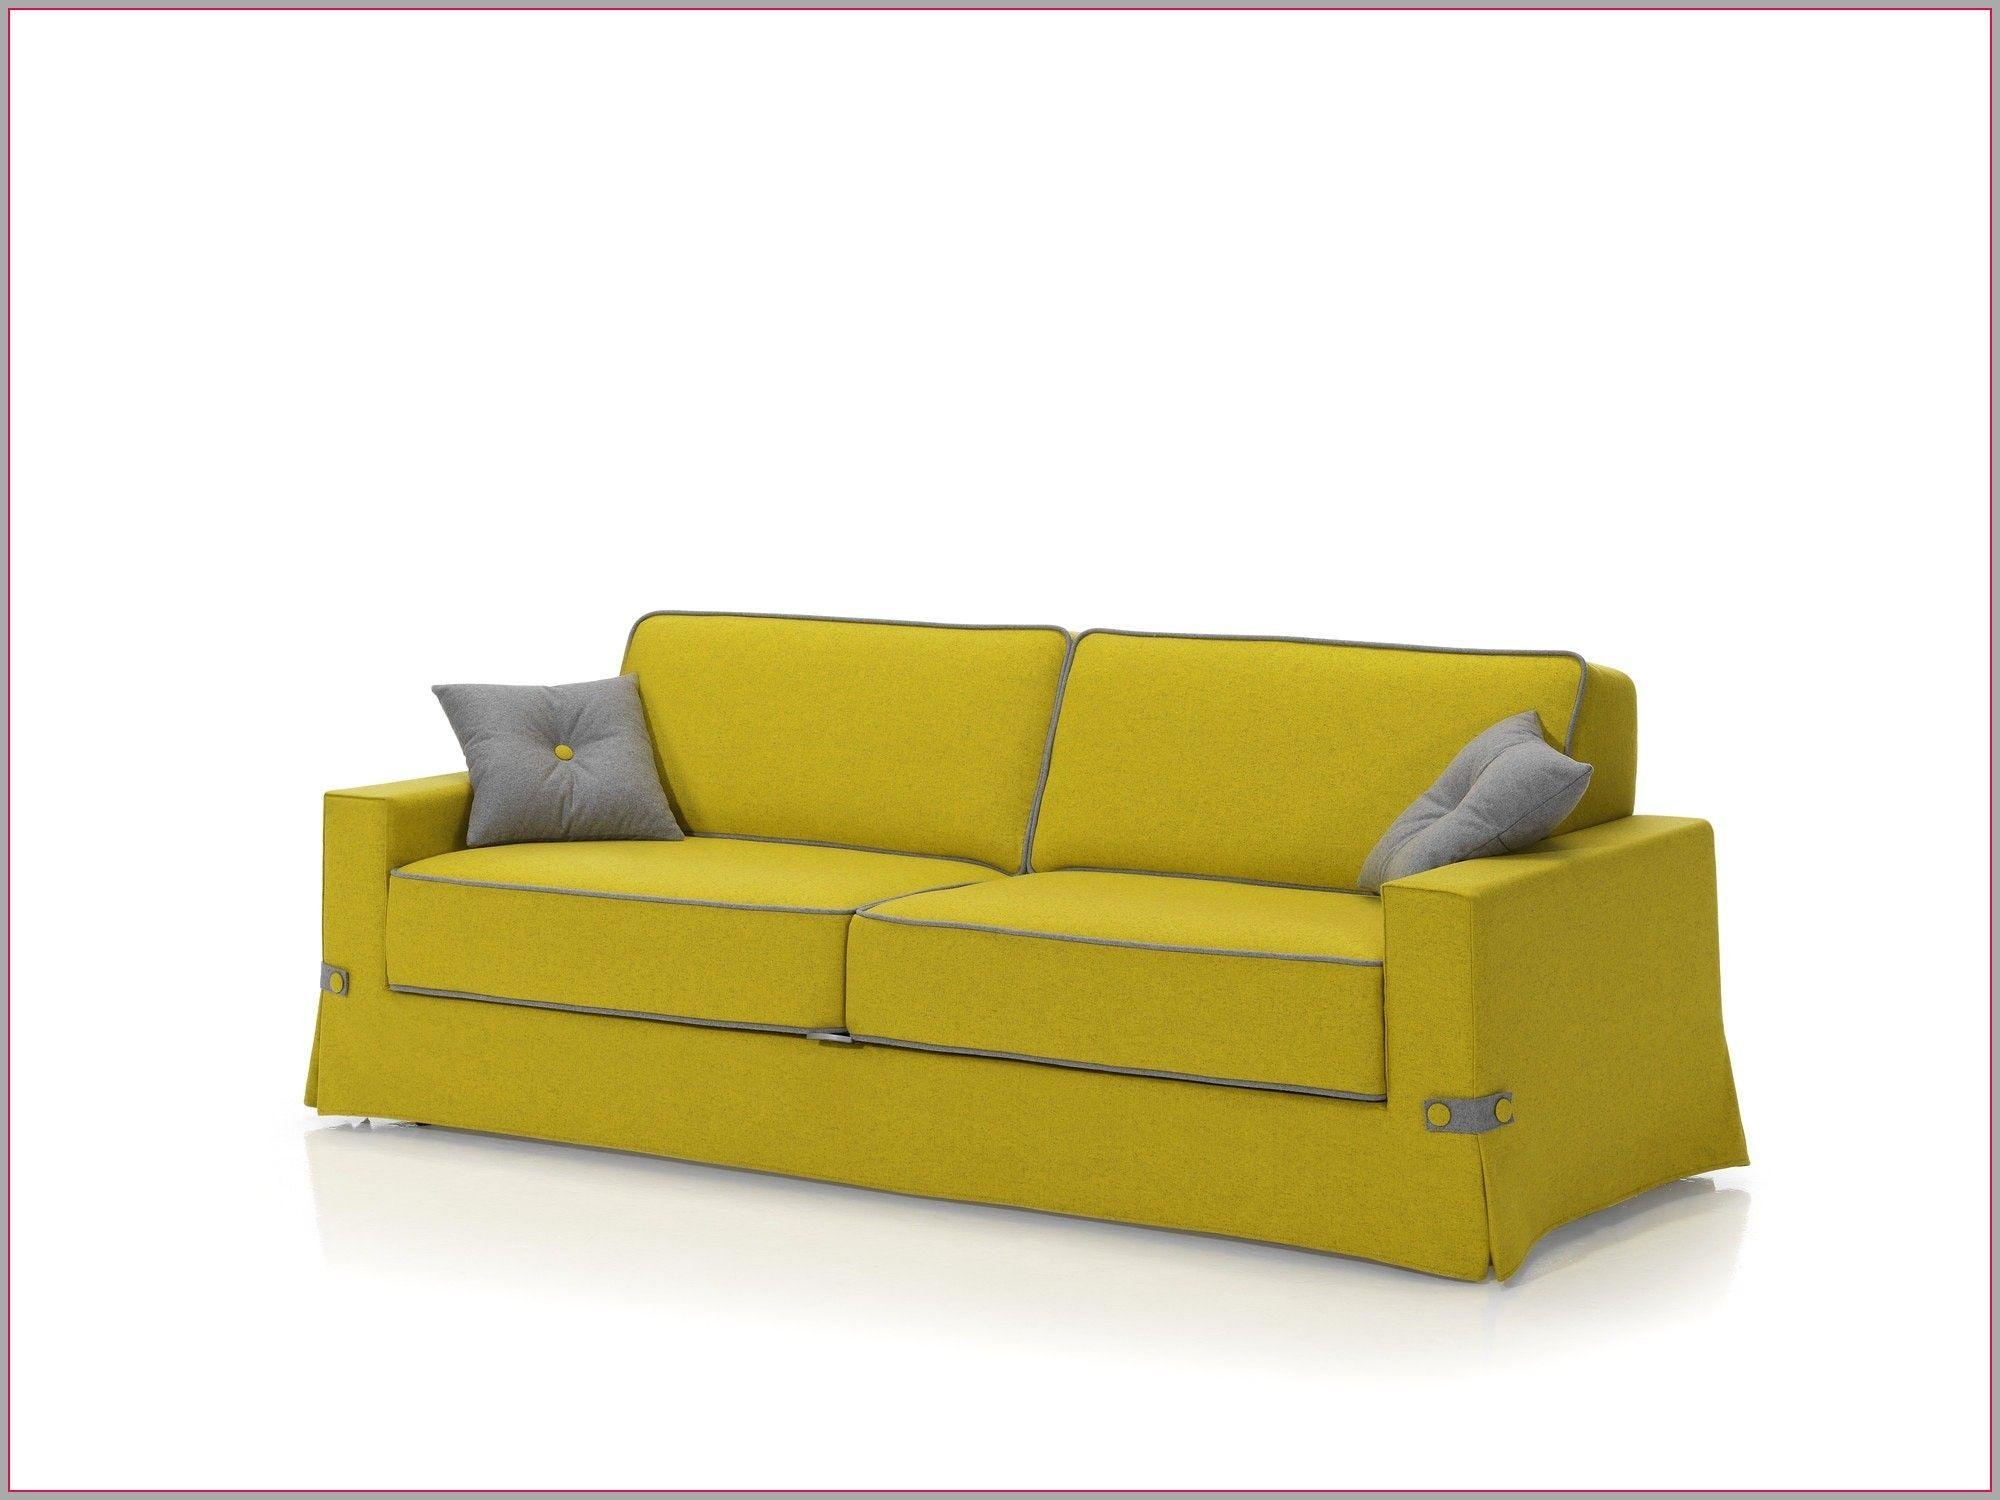 Housse Canapé 2 Places Ikea Impressionnant Photos La Charmant Choisir Un Canapé Conception  Perfectionner La G Te